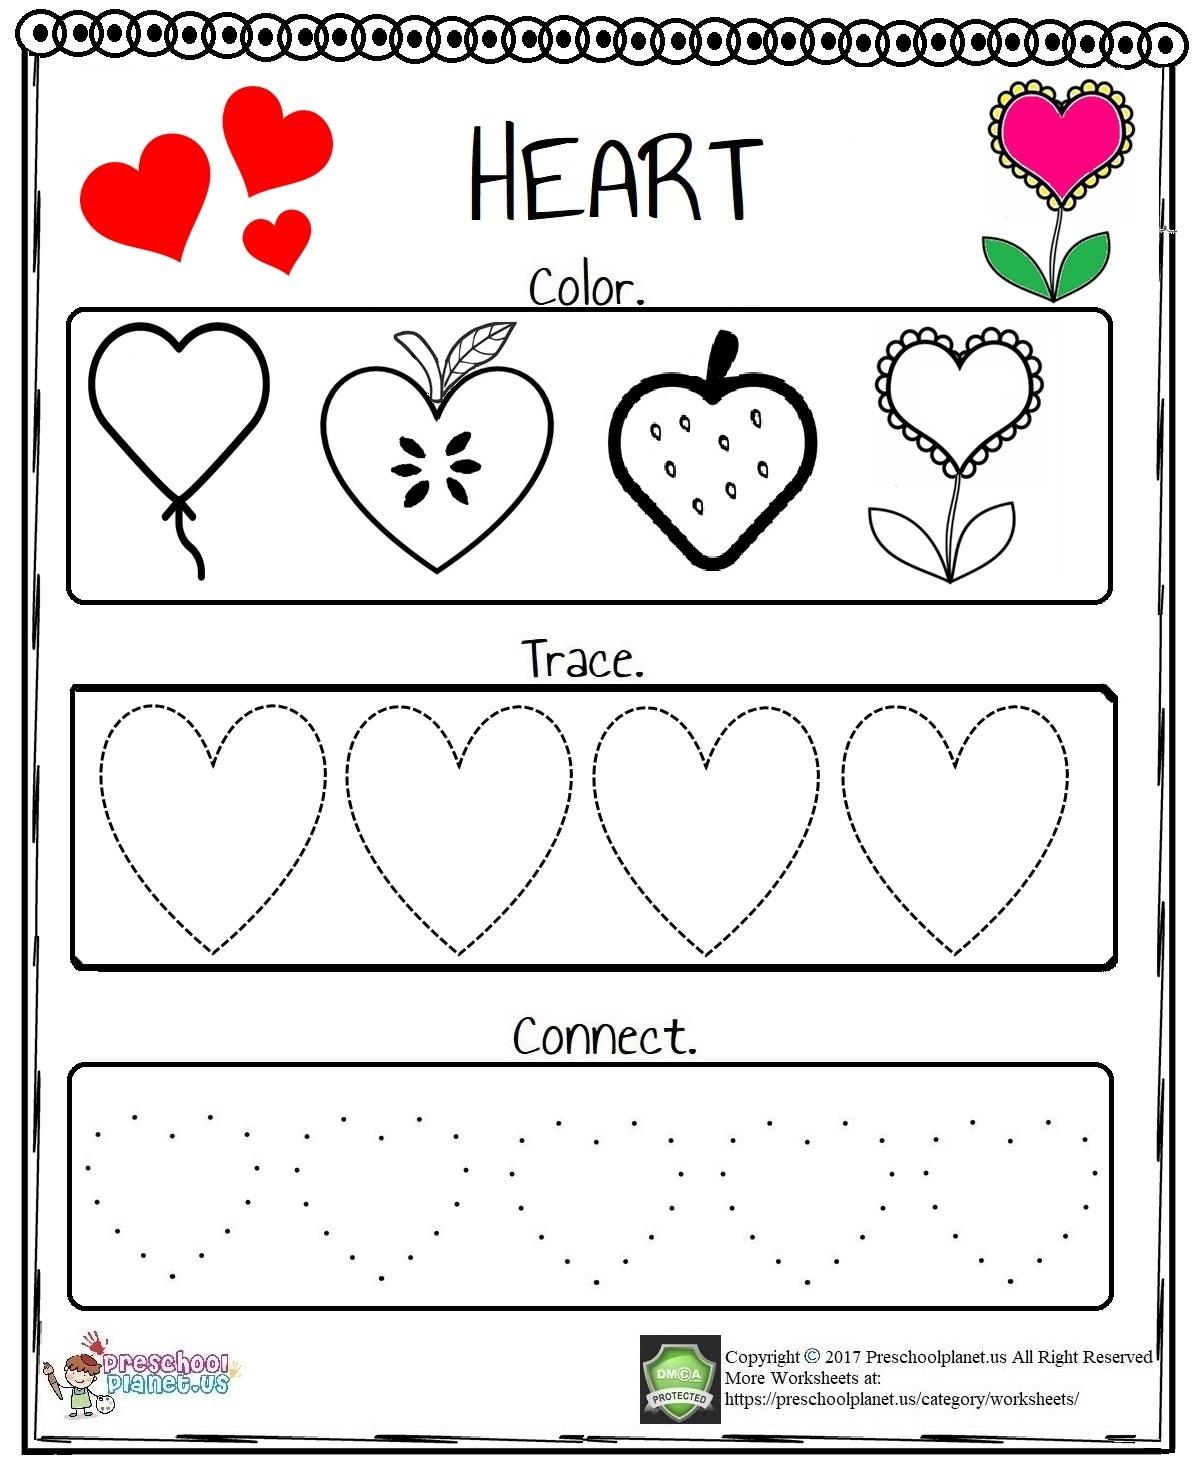 Missing Number Worksheet Preschoolplanet